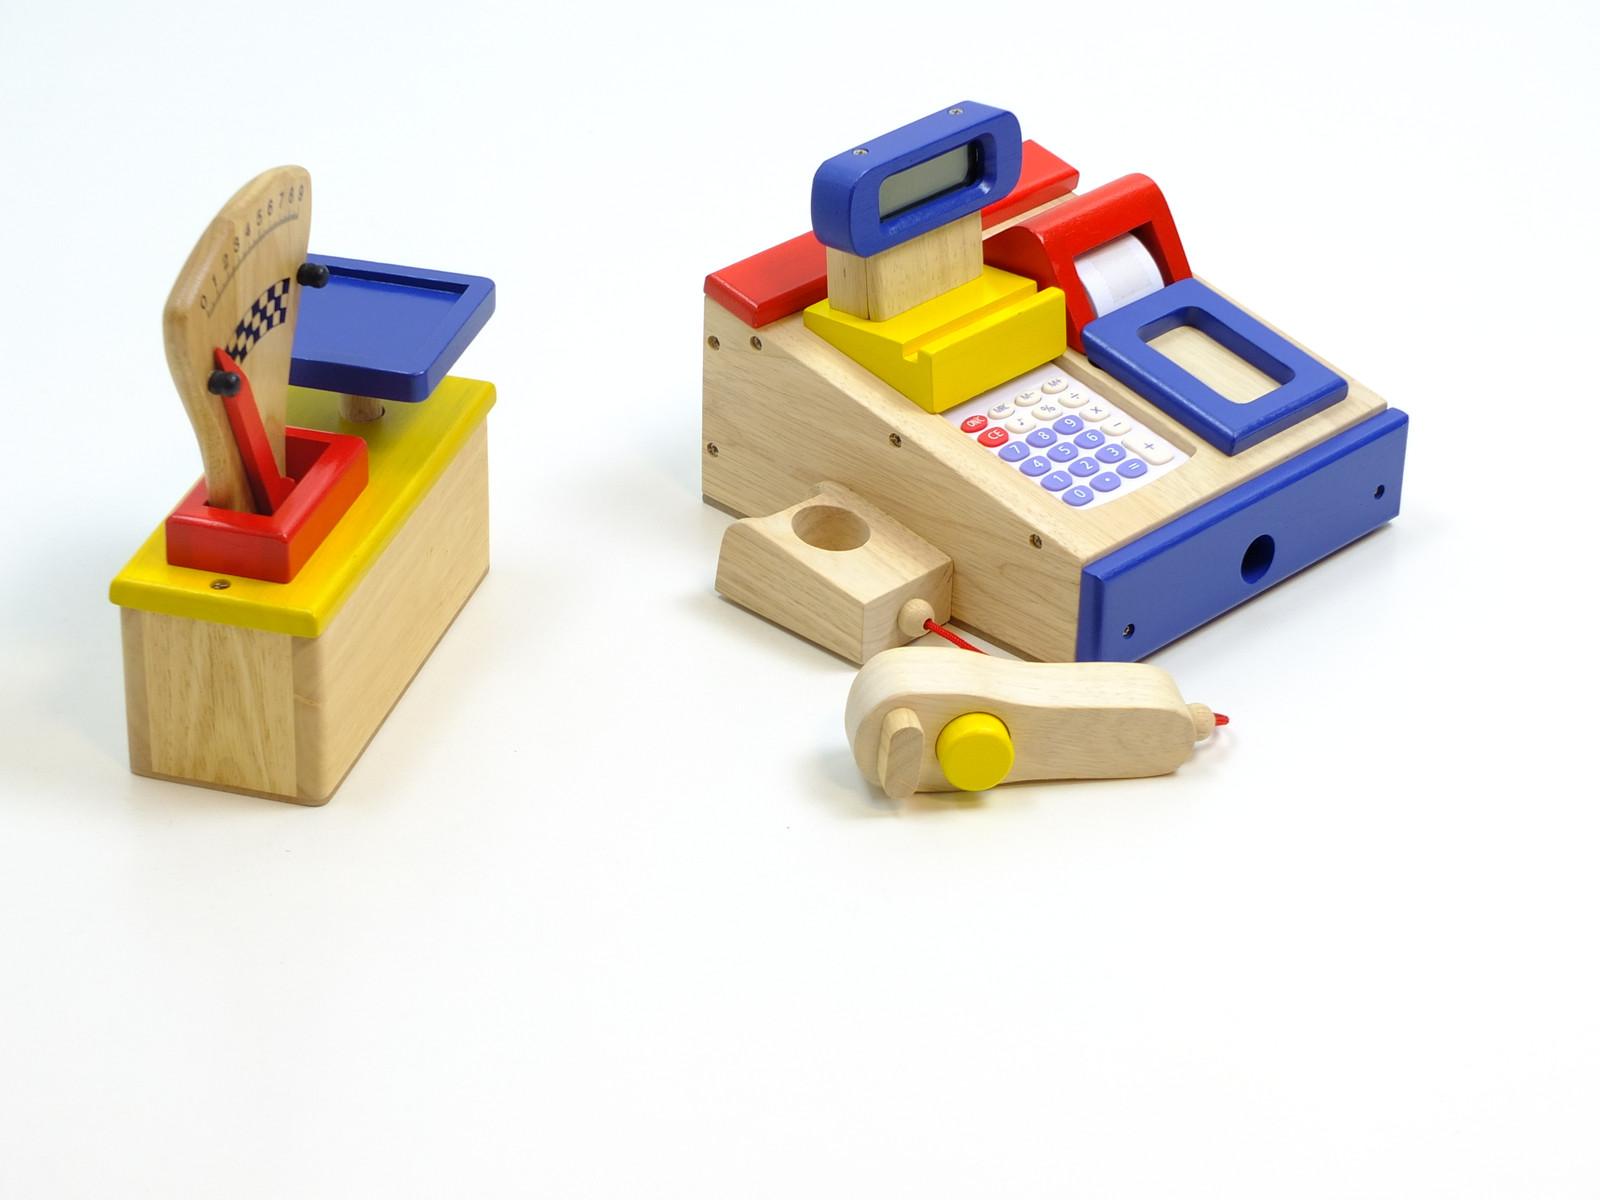 2er set spielkasse und kaufladen waage aus holz kasse mit integriertem taschenrechner waage. Black Bedroom Furniture Sets. Home Design Ideas